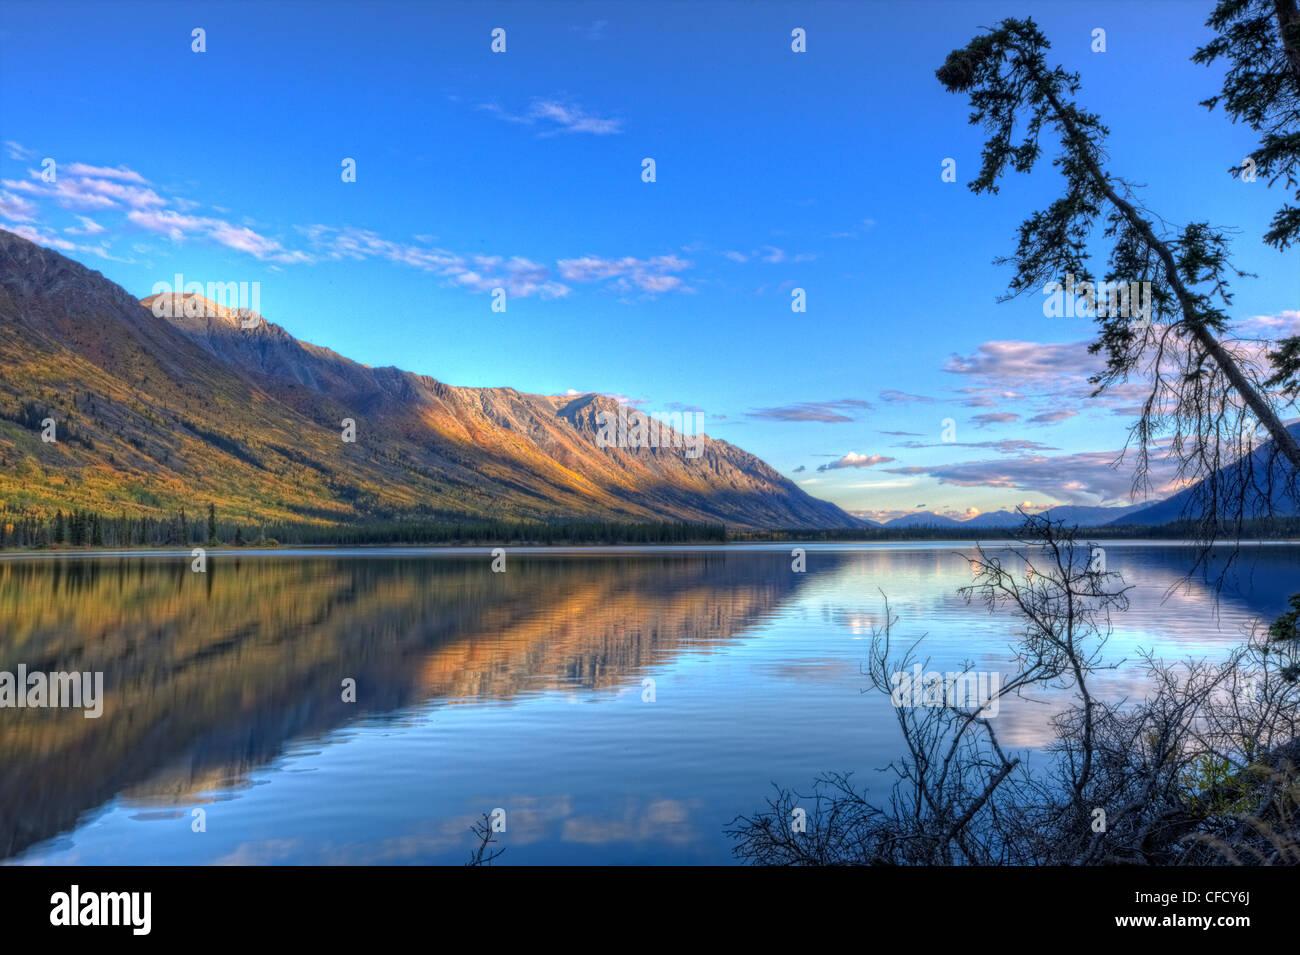 Soirée d'été tranquille, Annie Lake, Yukon, Canada. Banque D'Images